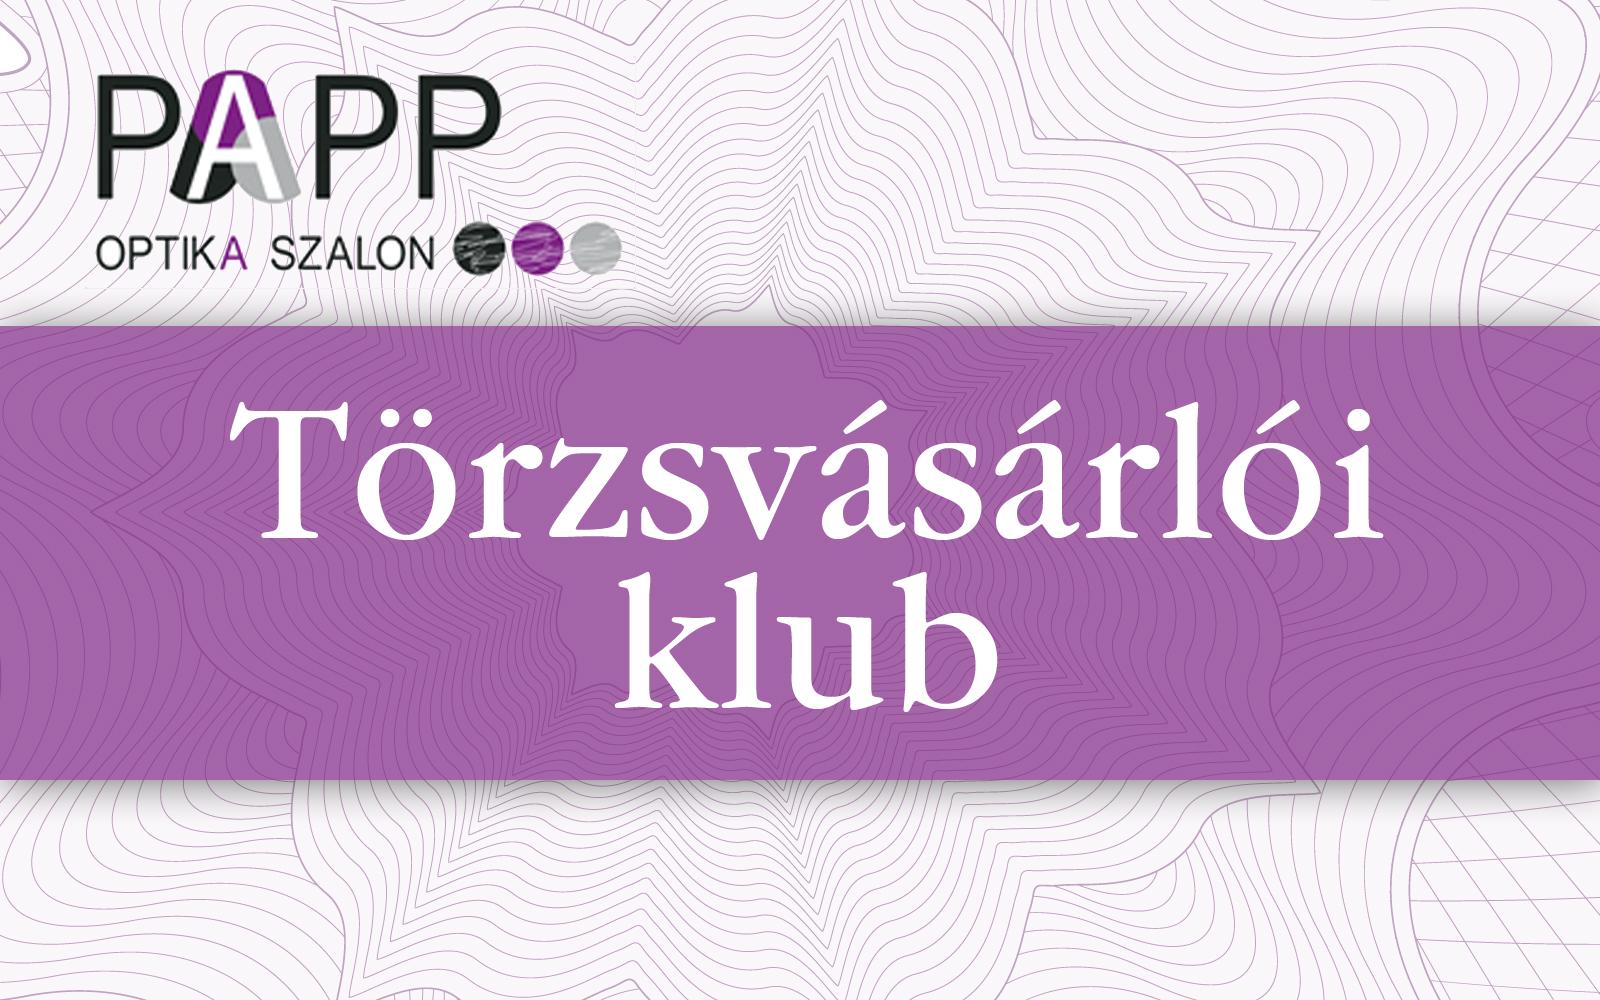 Papp Optika törzsvásárlói klub